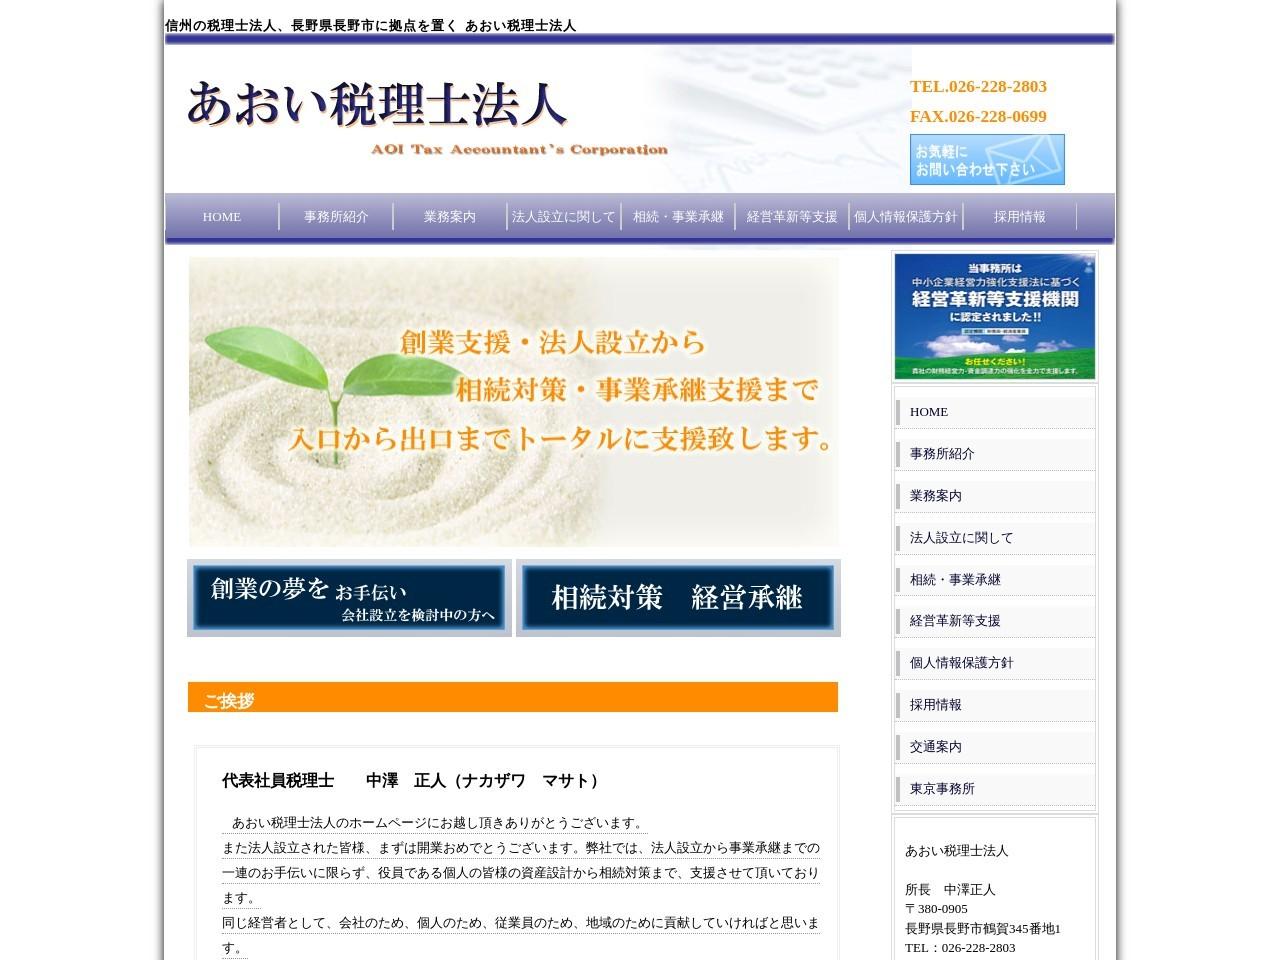 あおい(税理士法人)